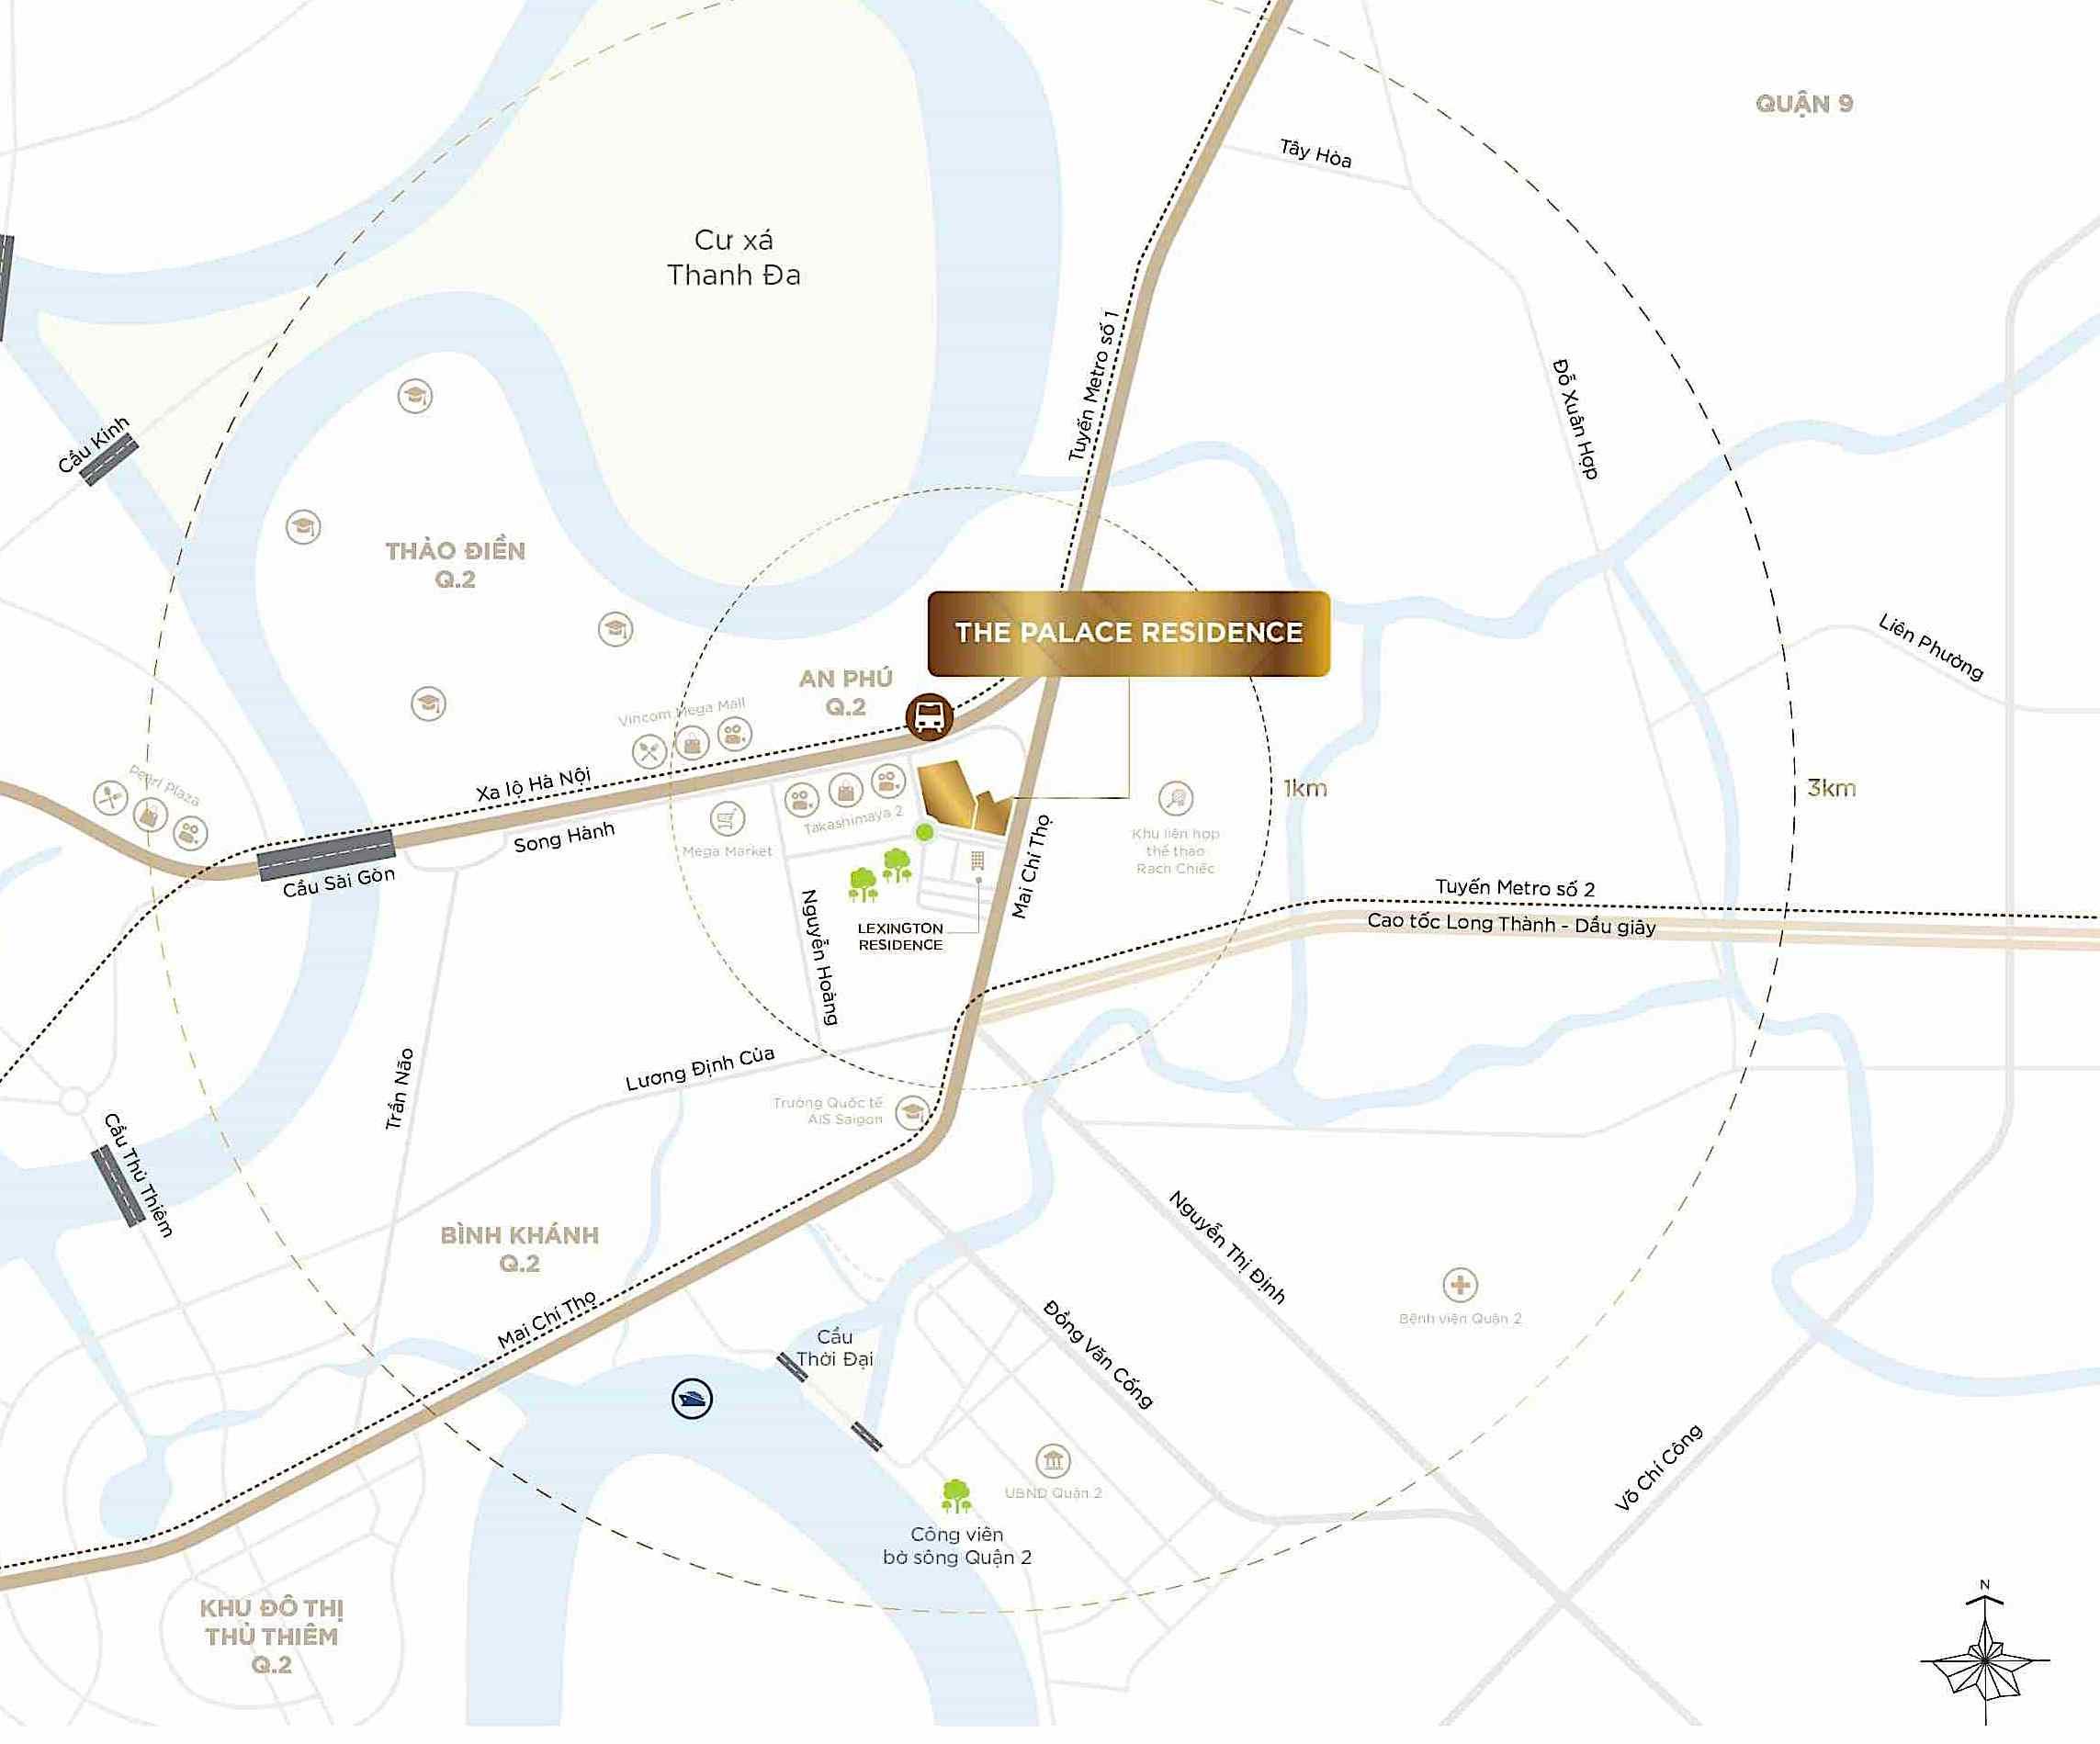 vị trí tại căn hộ The Palace Residence quận 2